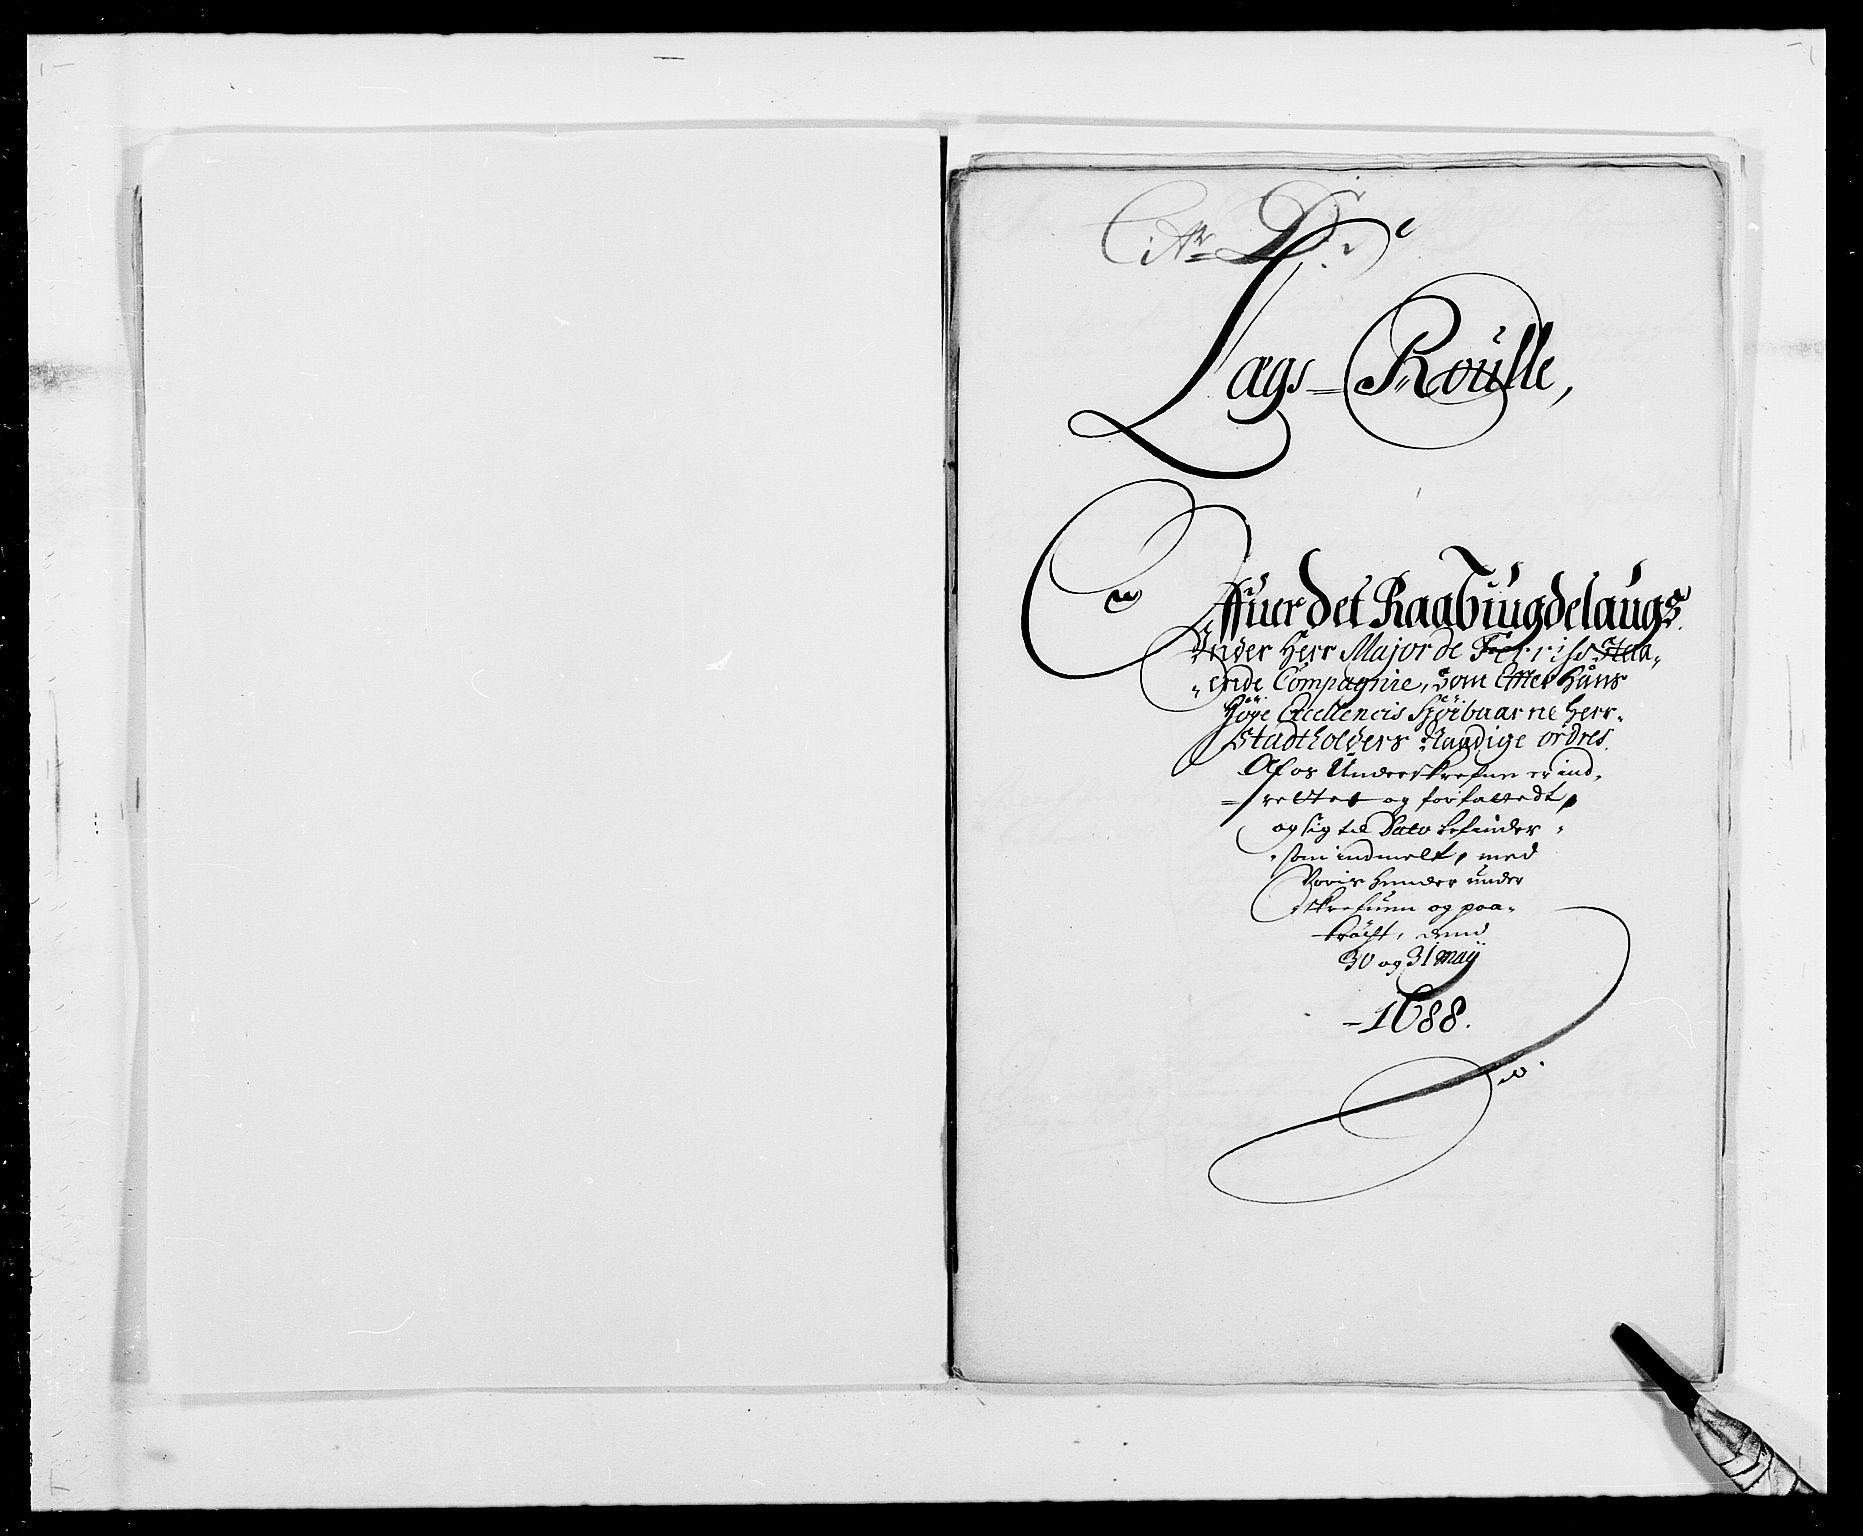 RA, Rentekammeret inntil 1814, Reviderte regnskaper, Fogderegnskap, R40/L2442: Fogderegnskap Råbyggelag, 1689-1690, s. 58